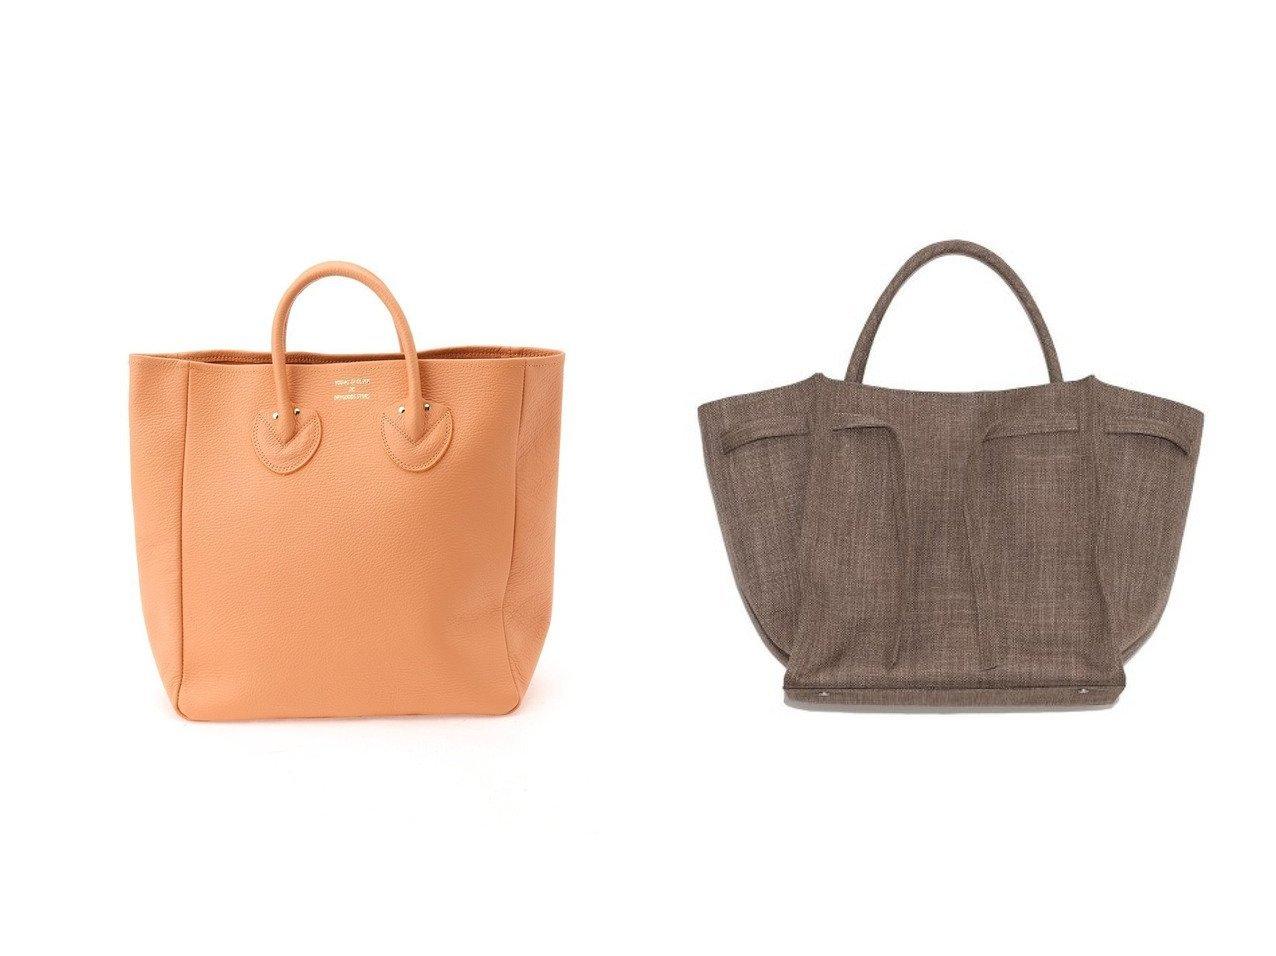 【YOUNG & OLSEN The DRYGOODS STORE/ヤングアンドオルセン】のYOUNG&EMBOSSED レザートートバッグ&【Mila Owen/ミラオーウェン】のキャンバストートバッグ バッグ・鞄のおすすめ!人気、トレンド・レディースファッションの通販  おすすめで人気の流行・トレンド、ファッションの通販商品 メンズファッション・キッズファッション・インテリア・家具・レディースファッション・服の通販 founy(ファニー) https://founy.com/ ファッション Fashion レディースファッション WOMEN バッグ Bag 2020年 2020 2020-2021 秋冬 A/W AW Autumn/Winter / FW Fall-Winter 2020-2021 A/W 秋冬 AW Autumn/Winter / FW Fall-Winter クラッチ コレクション シンプル スカーフ ベーシック 今季 春 12月号 キャンバス クラシック リネン  ID:crp329100000009926